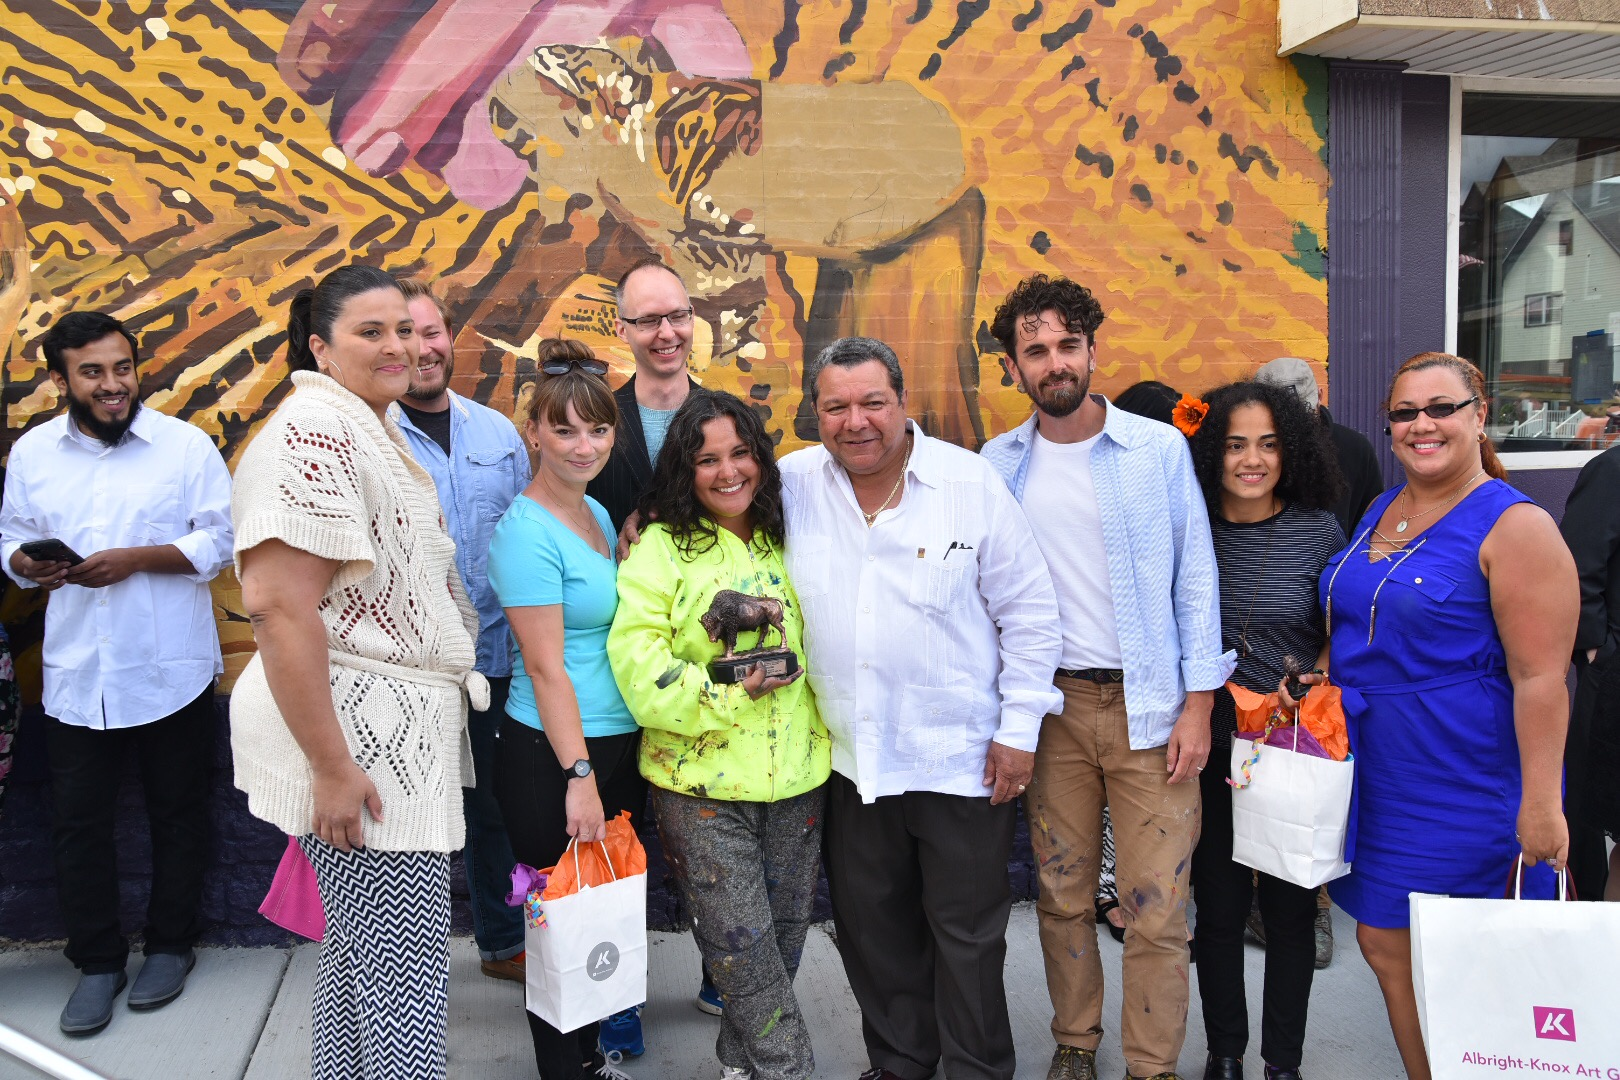 Buffalove, Betsy Casanas, Albright Knox & Hispanic Heritage council - Aug 2017